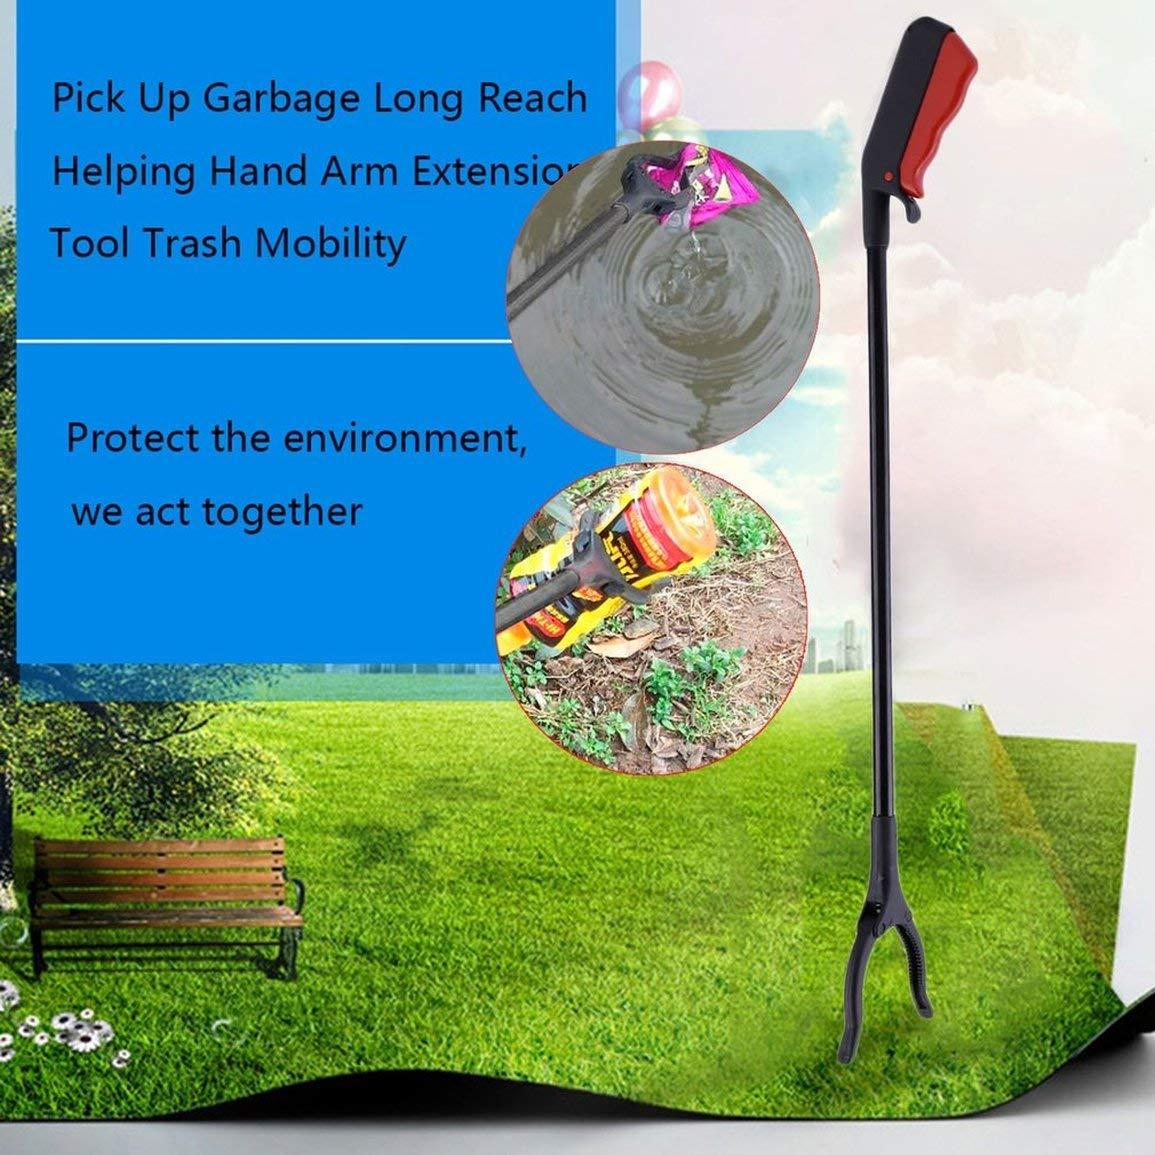 1 PC Pick Up Garbage Stick Alcance Largo Ayudante Brazo de Mano Herramienta de extensi/ón Basura Mobility Clip Grab Claw para jard/ín de su casa Color: Negro y Rojo